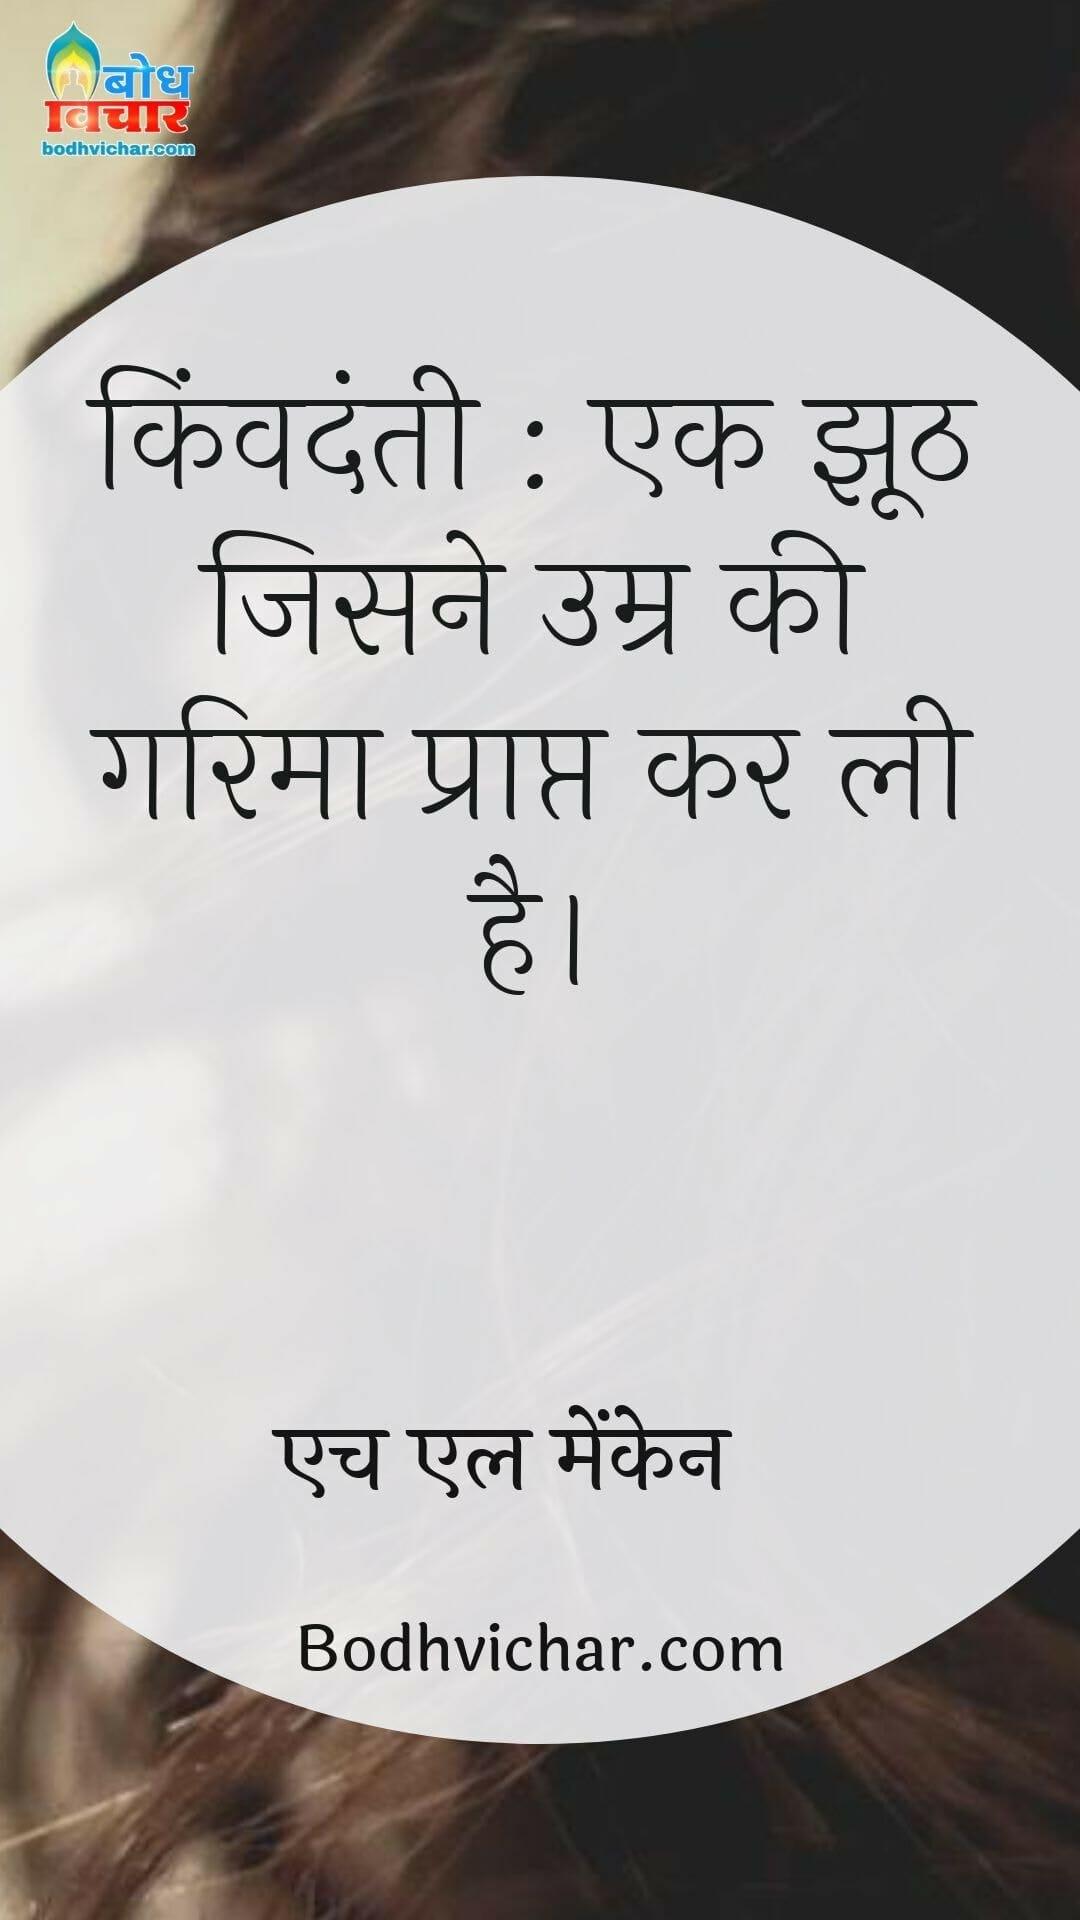 किंवदंती : एक झूठ जिसने उम्र की गरिमा प्राप्त कर ली है। : Kivdanti - ek jhooth jisne umra ki garima prapt kar li hai - एच एल मेंकेन